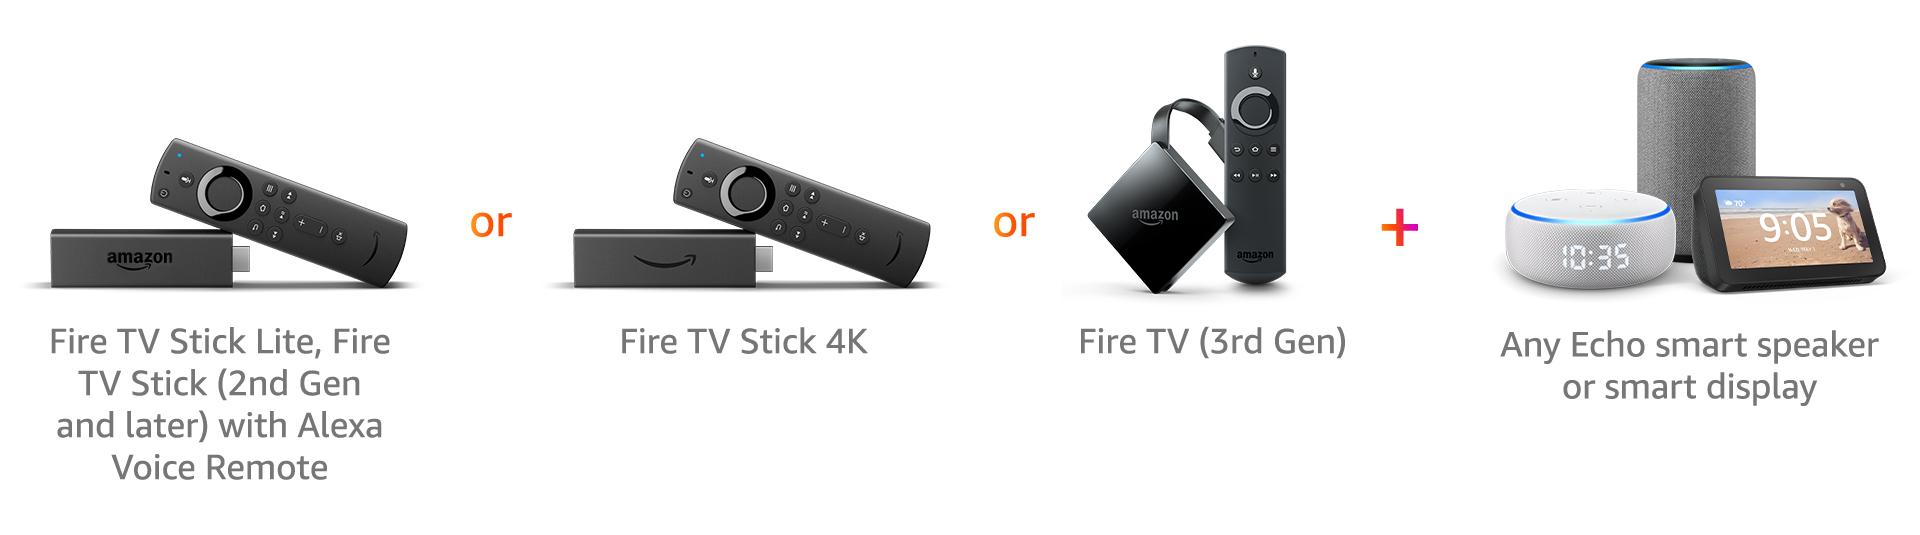 Fire TV Stick (2nd Gen) | or | Fire TV Stick 4K | or | Fire TV (3rd Gen) | plus | Any Echo smart speaker or smart display